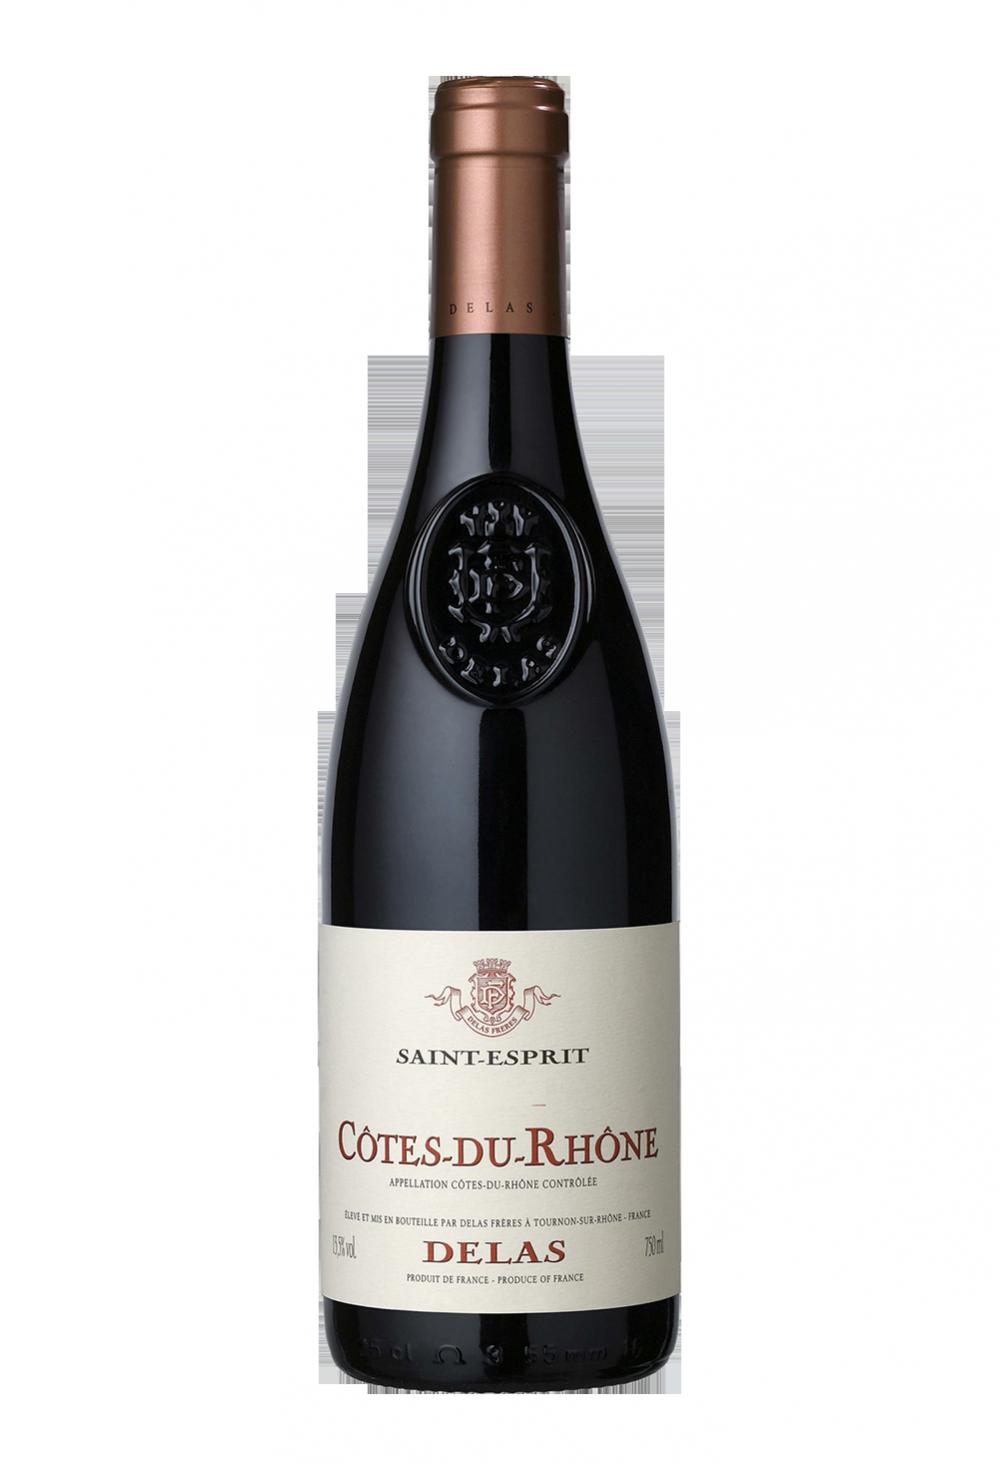 les-meilleurs-vins-de-la-maison-delas-cotes-du-rhone-saint-esprit-2013.png